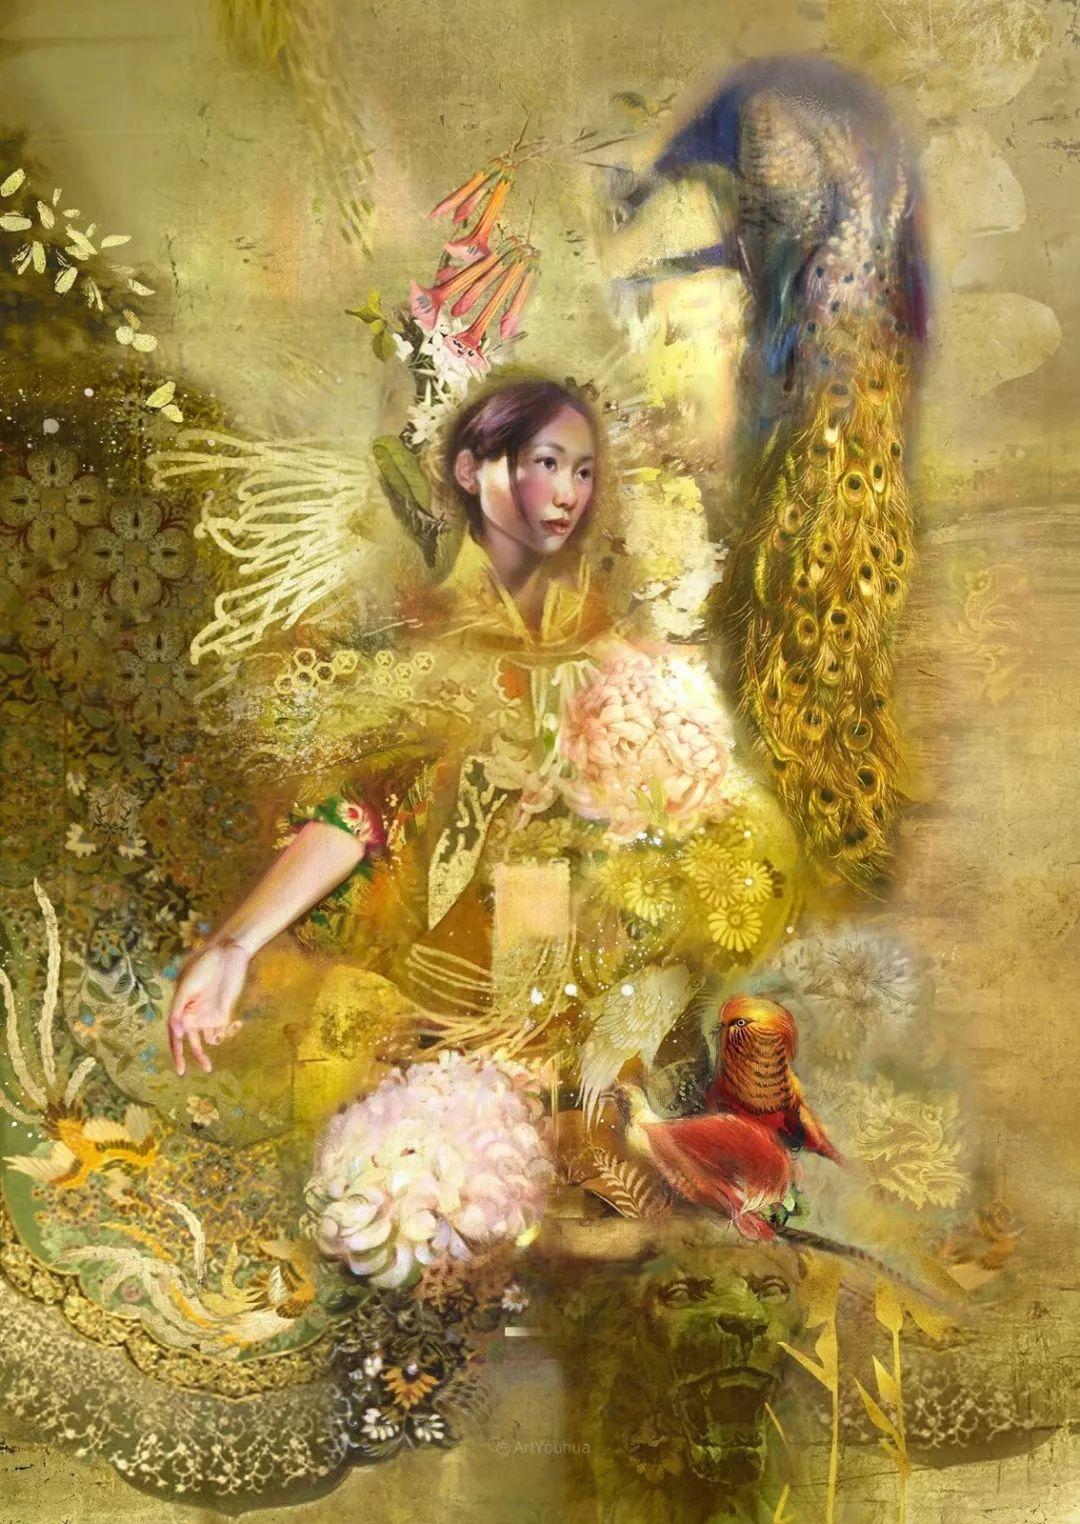 传统绘画与后现代元素的结合,英国画家伊娃·特洛伊插图14